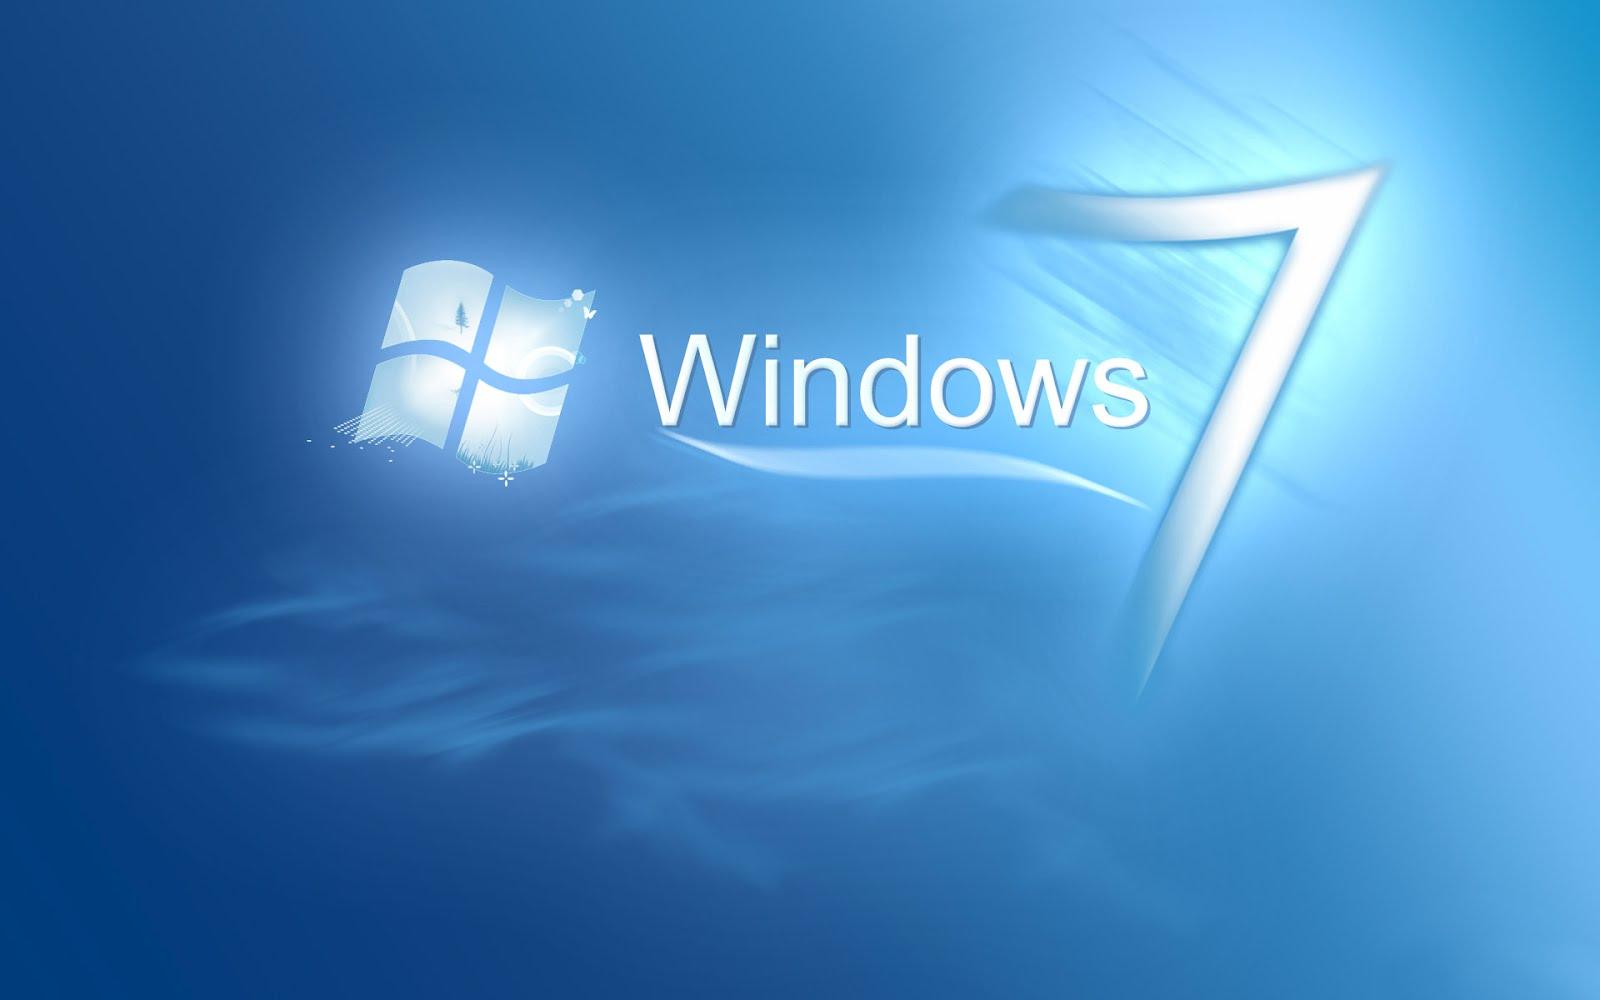 http://2.bp.blogspot.com/-gaHFDzs3aY4/UEHpmRPlIBI/AAAAAAAAAB4/wuIH2ooo1NY/s1600/for%2Bwindows%2B7%2B1.jpg